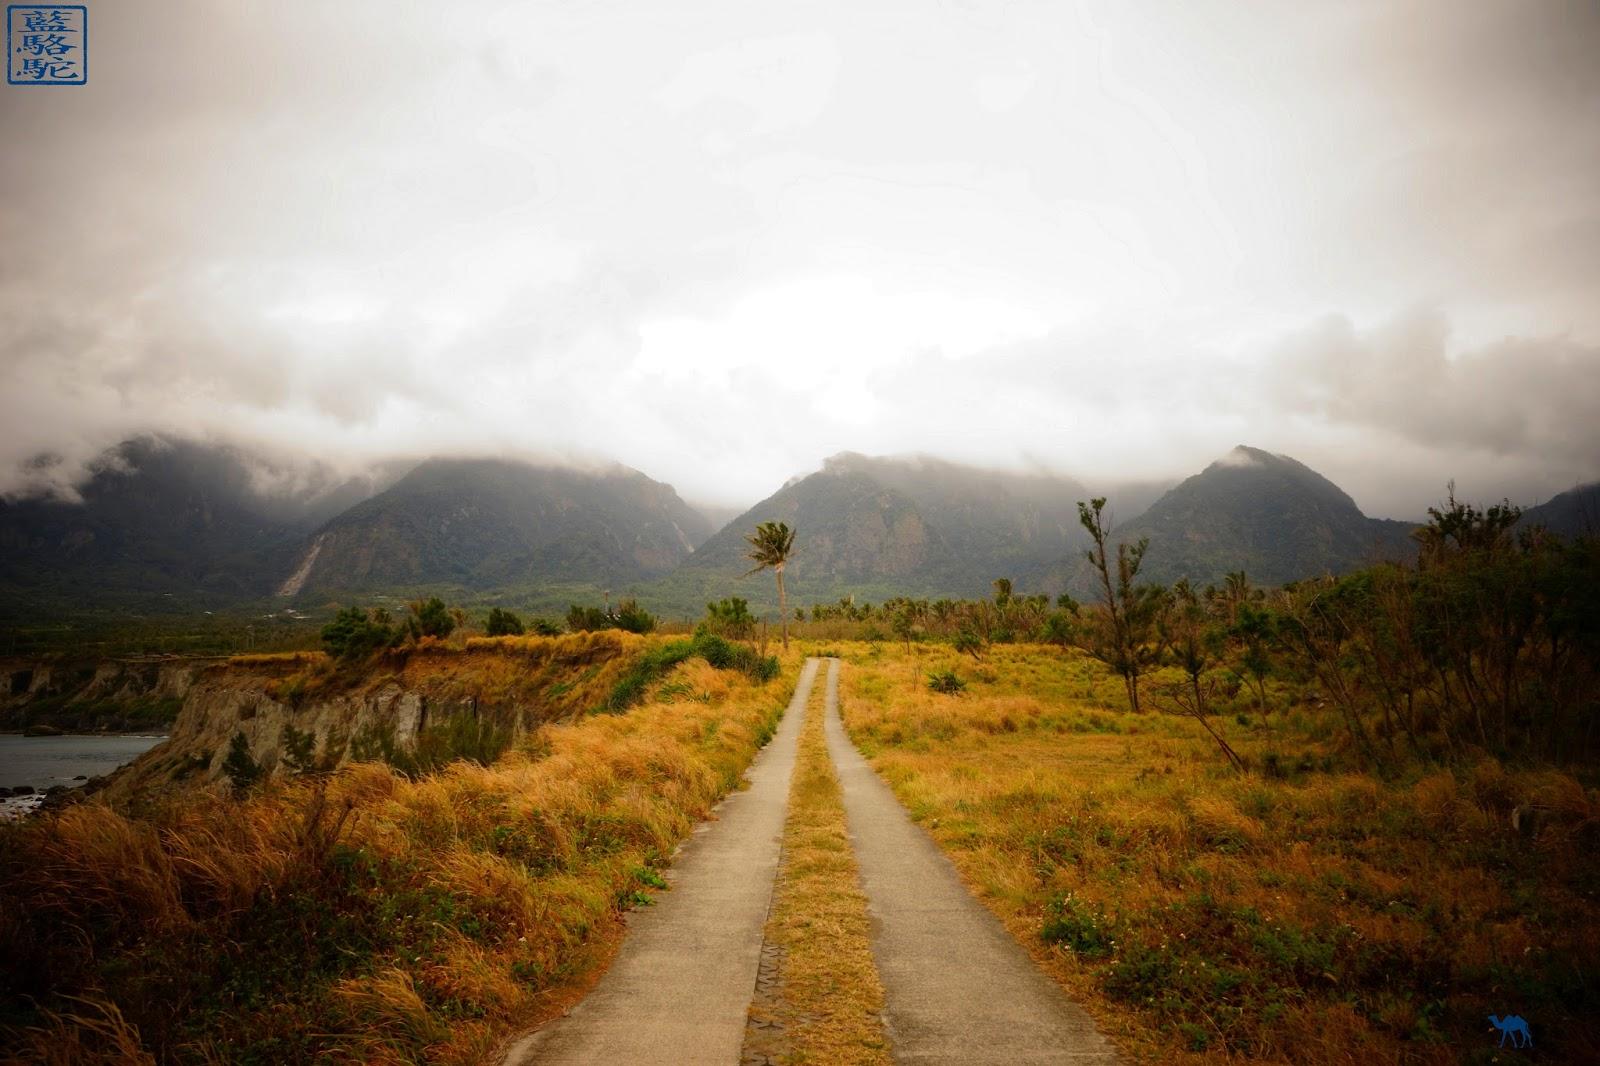 Le Chameau Bleu - Blog Voyage Taiwan - Voyage sur la cote Est de Taiwan